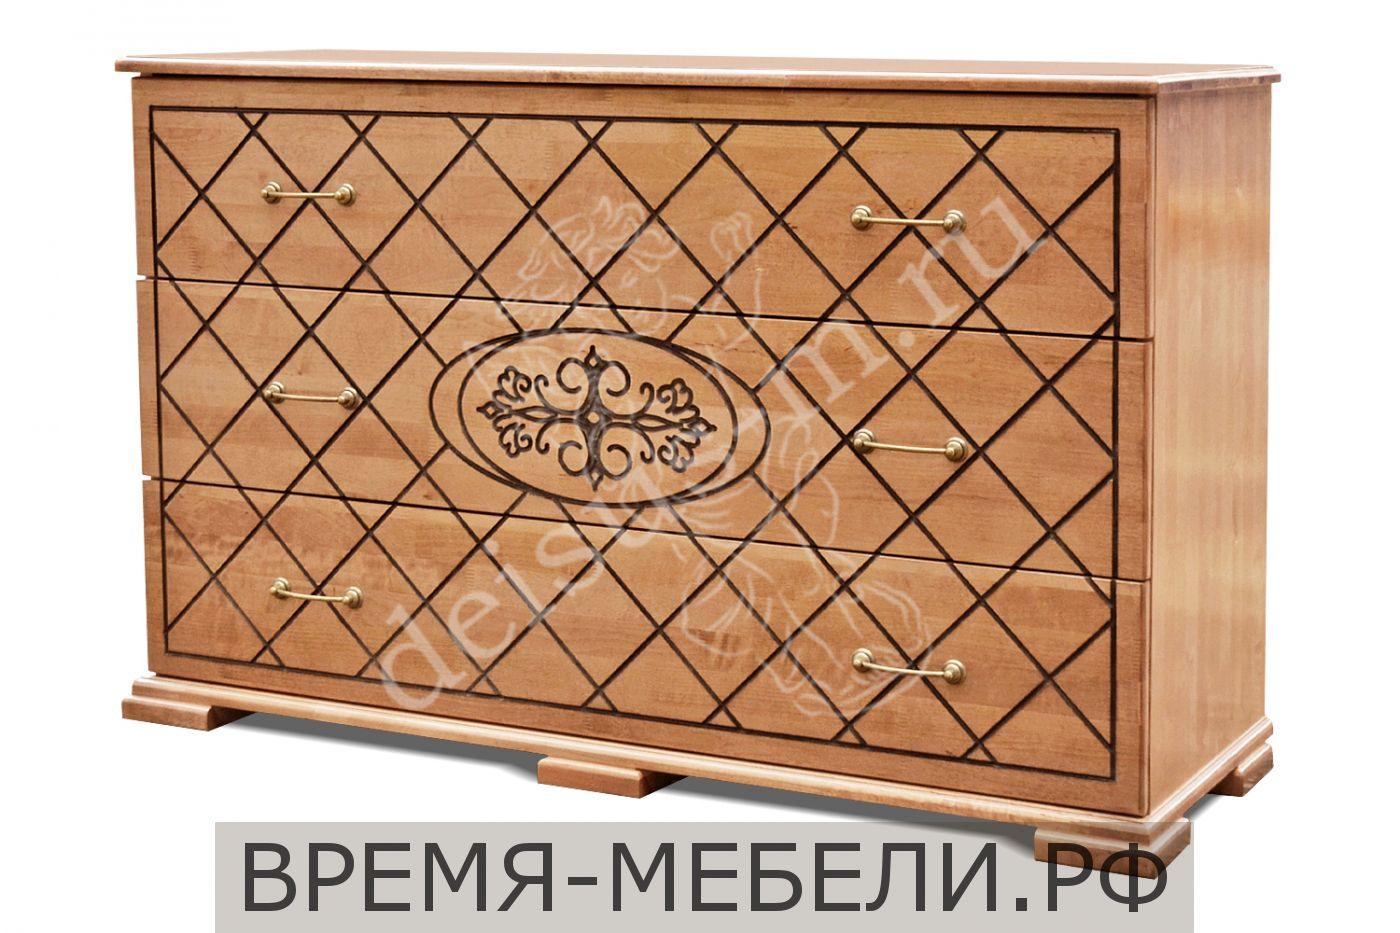 Комод ТВ Каприз-М